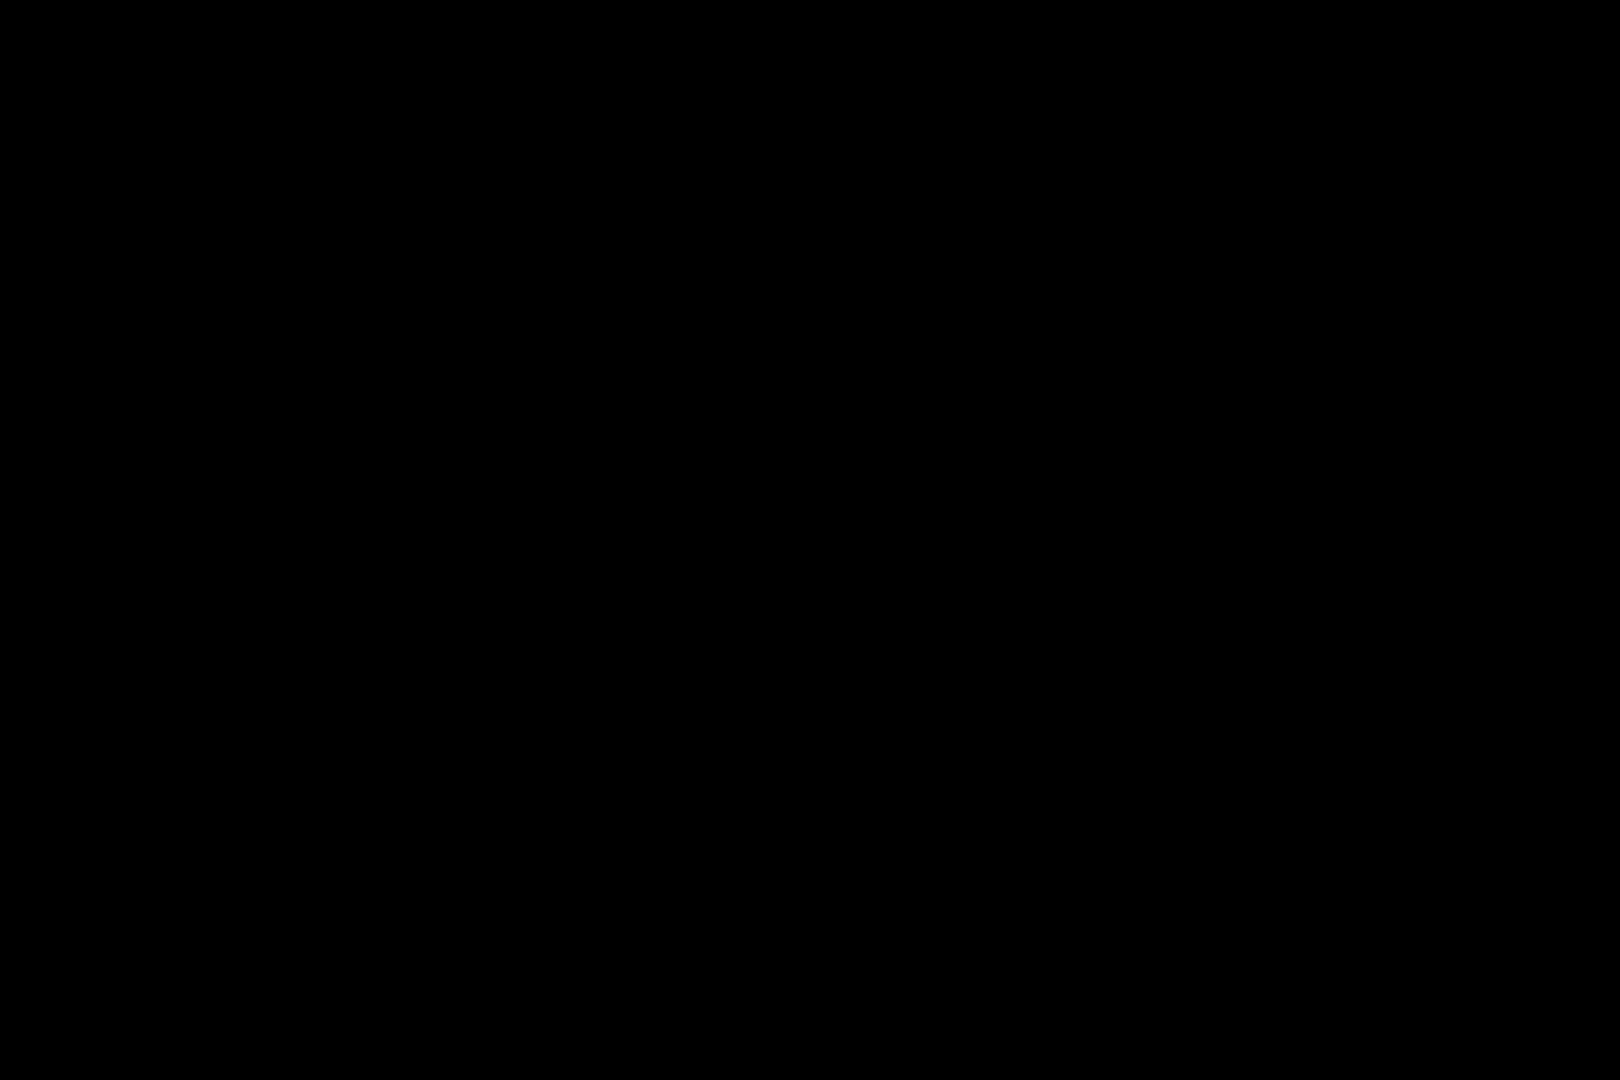 充血監督の深夜の運動会Vol.14 盗撮 性交動画流出 63連発 8